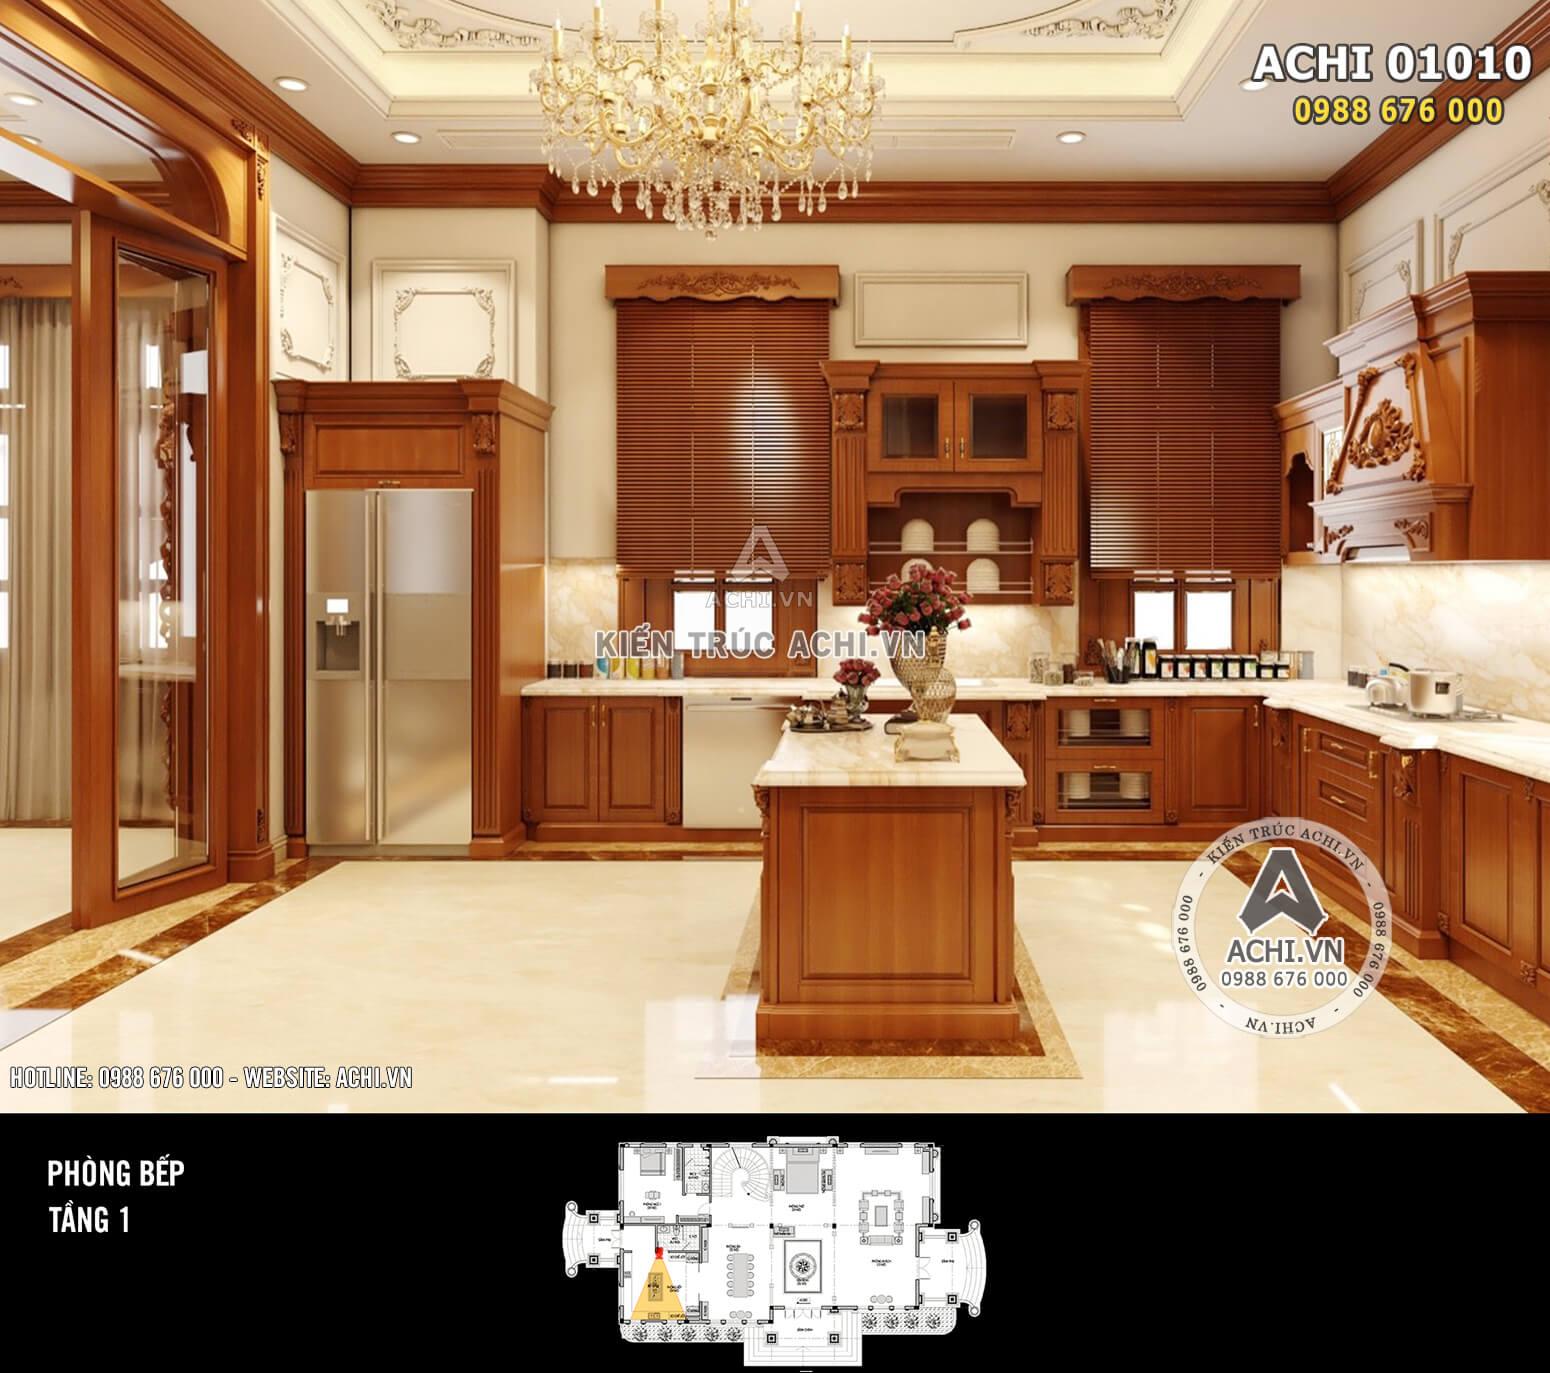 Hình ảnh: Thiết kế nội thất tân cổ điển - Phòng bếp - 01